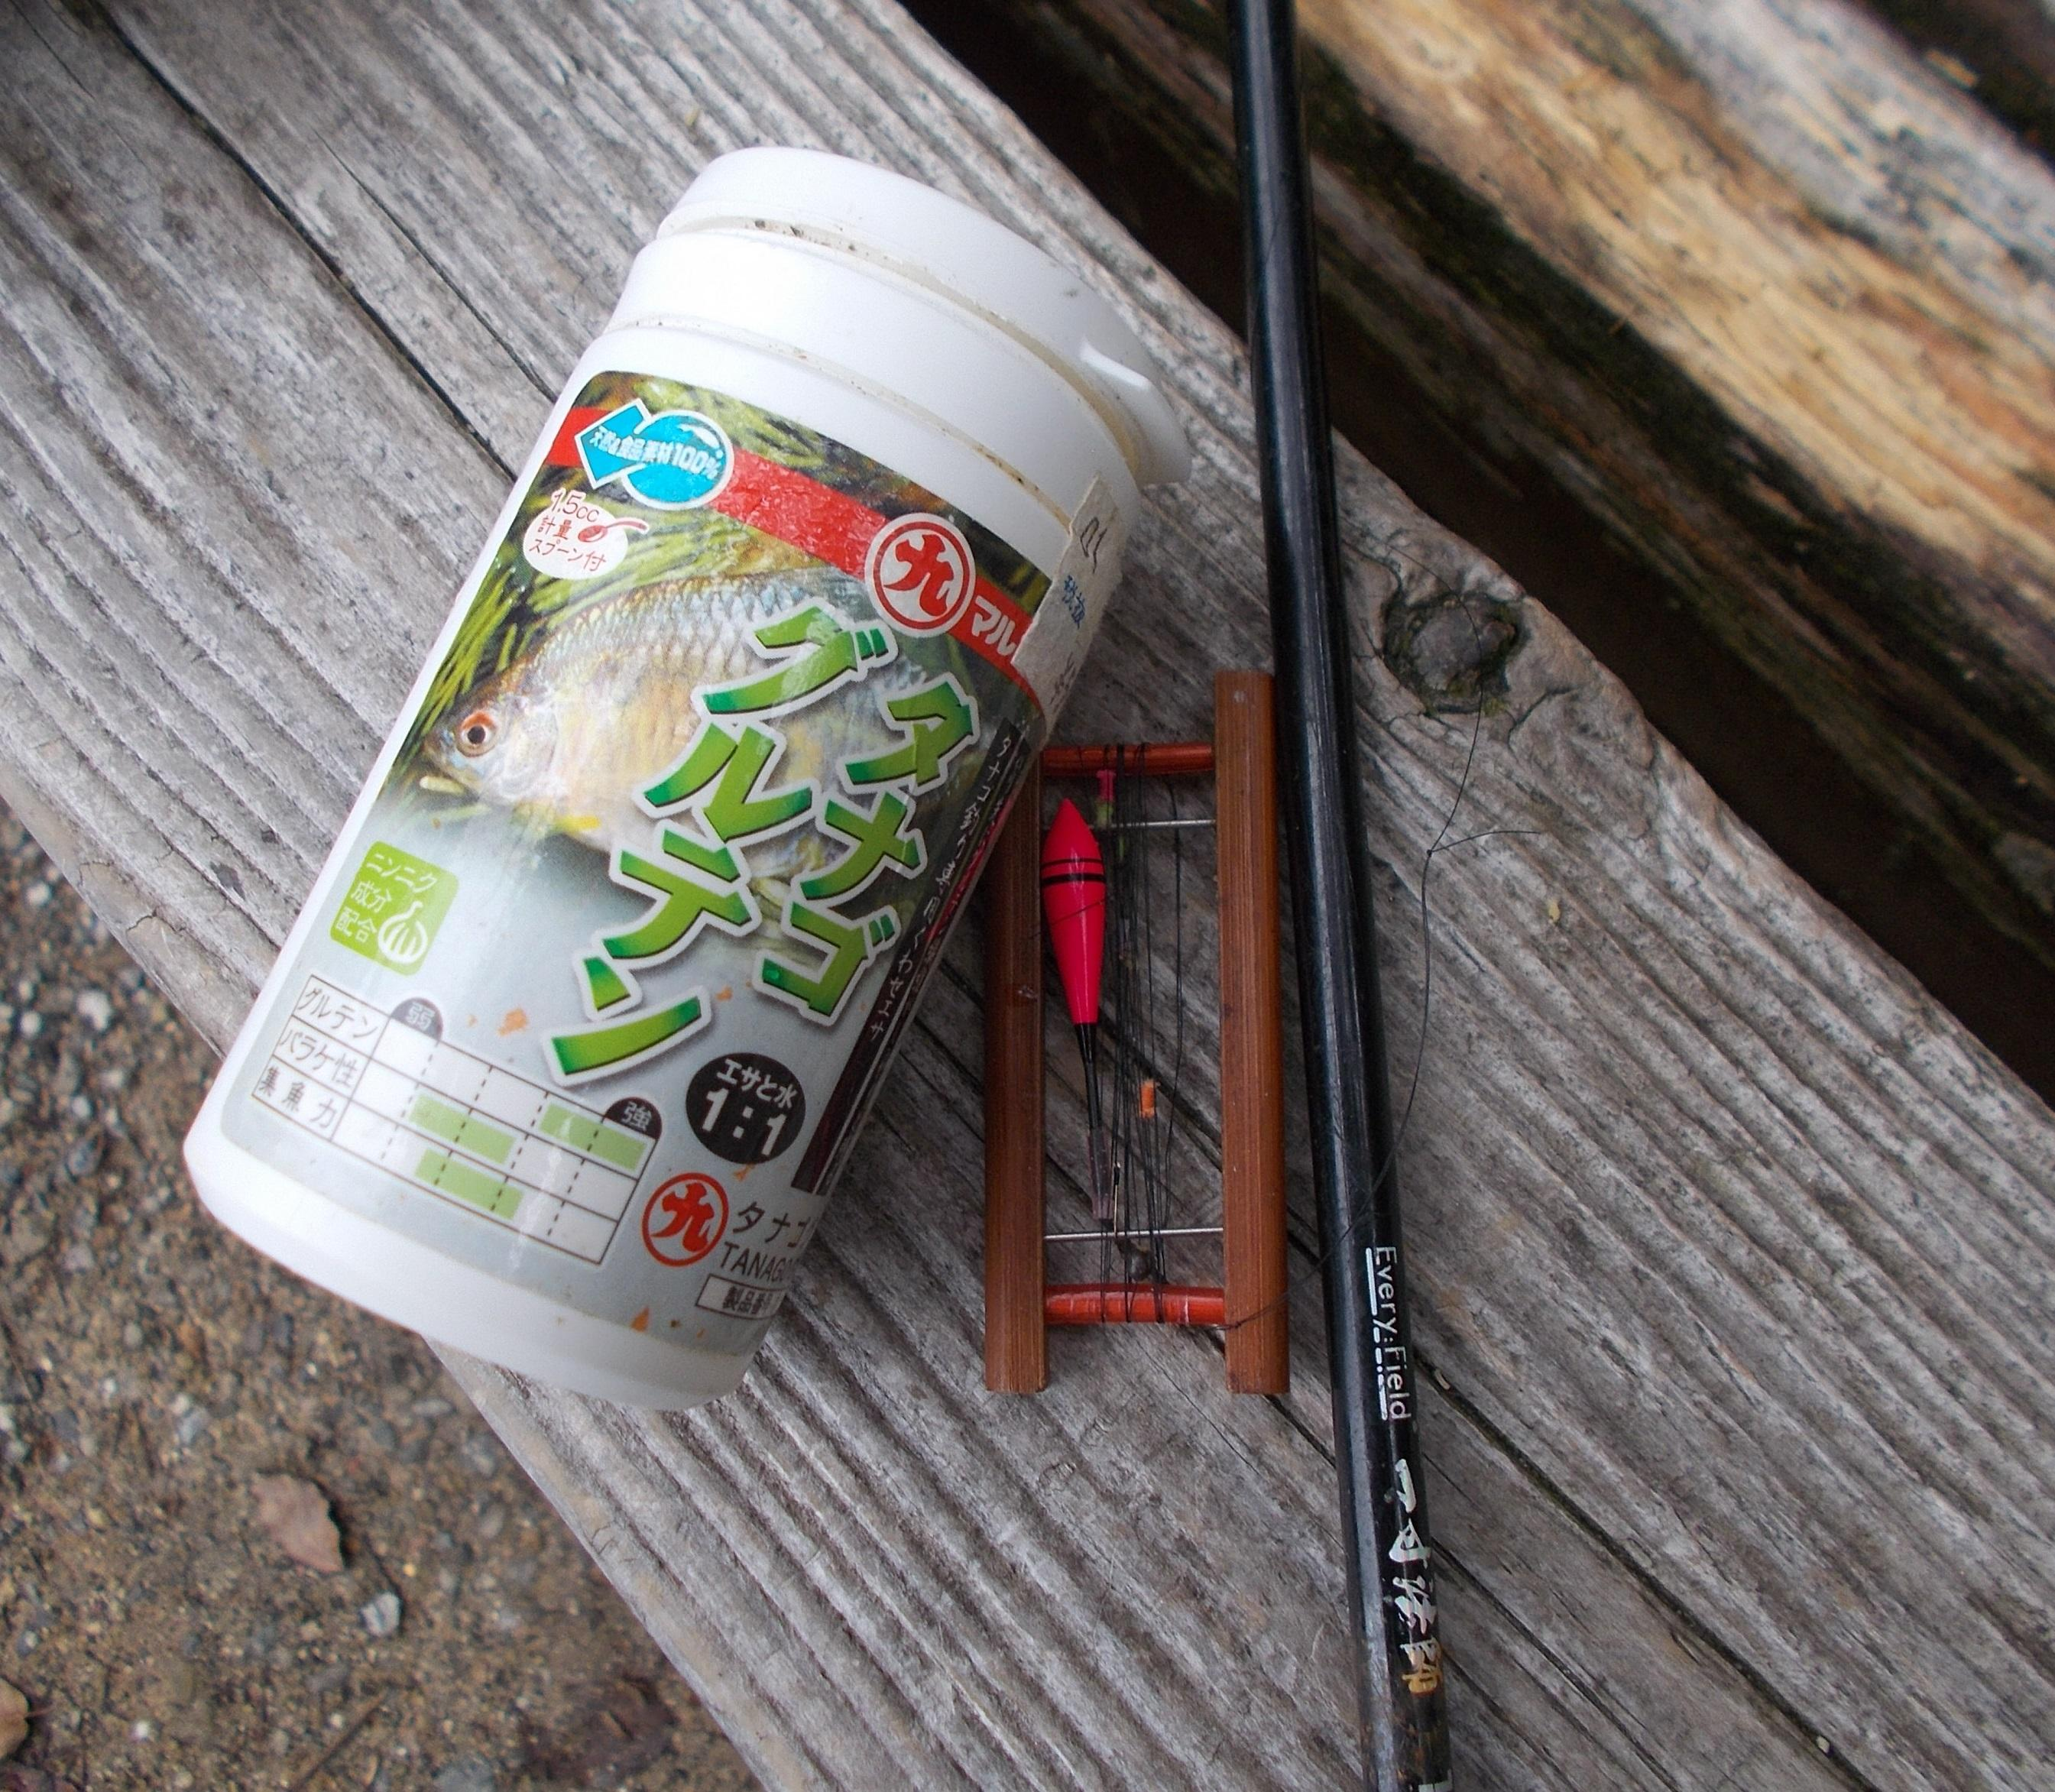 タナゴ釣り用の専用の仕掛け、エサ、竿は1.5m位の短い竿で釣ることができますよ。